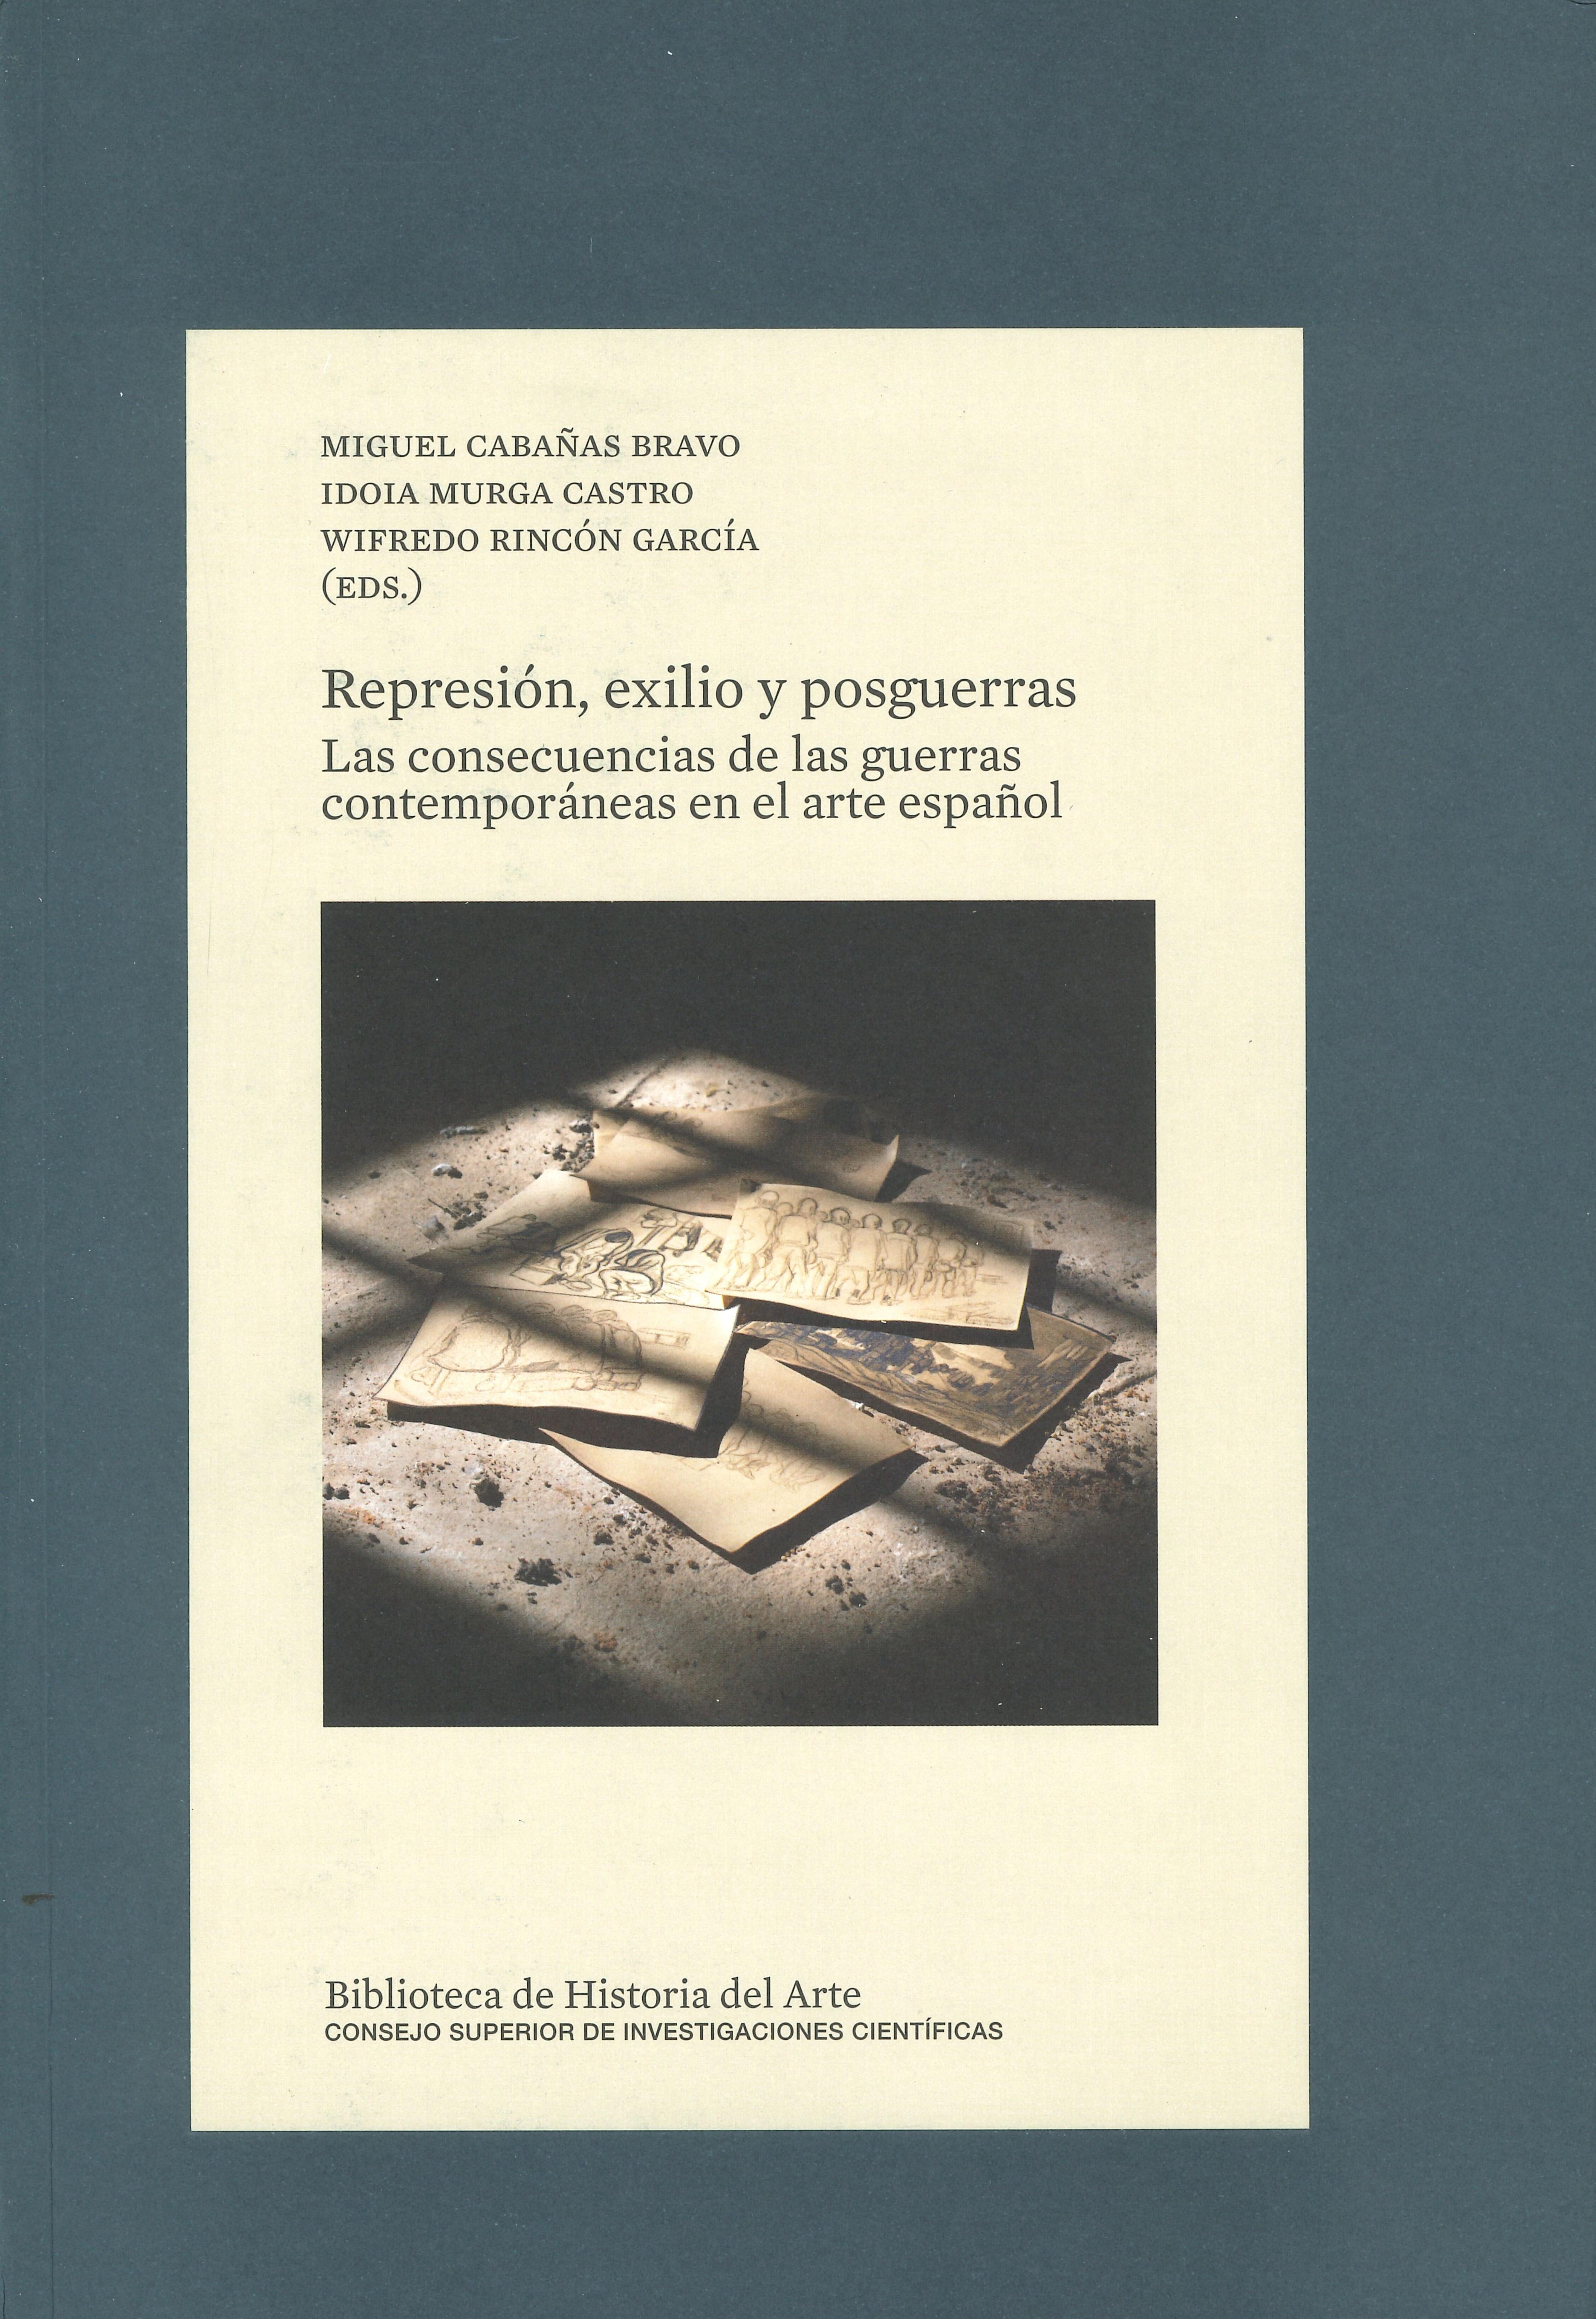 represion_exilio_y_posguerras.jpg